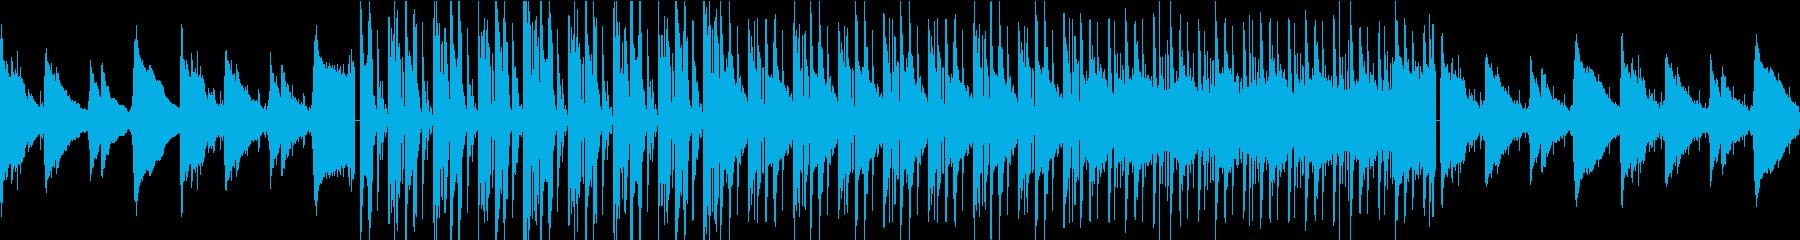 ルーティン トレーニング 和 アコギの再生済みの波形